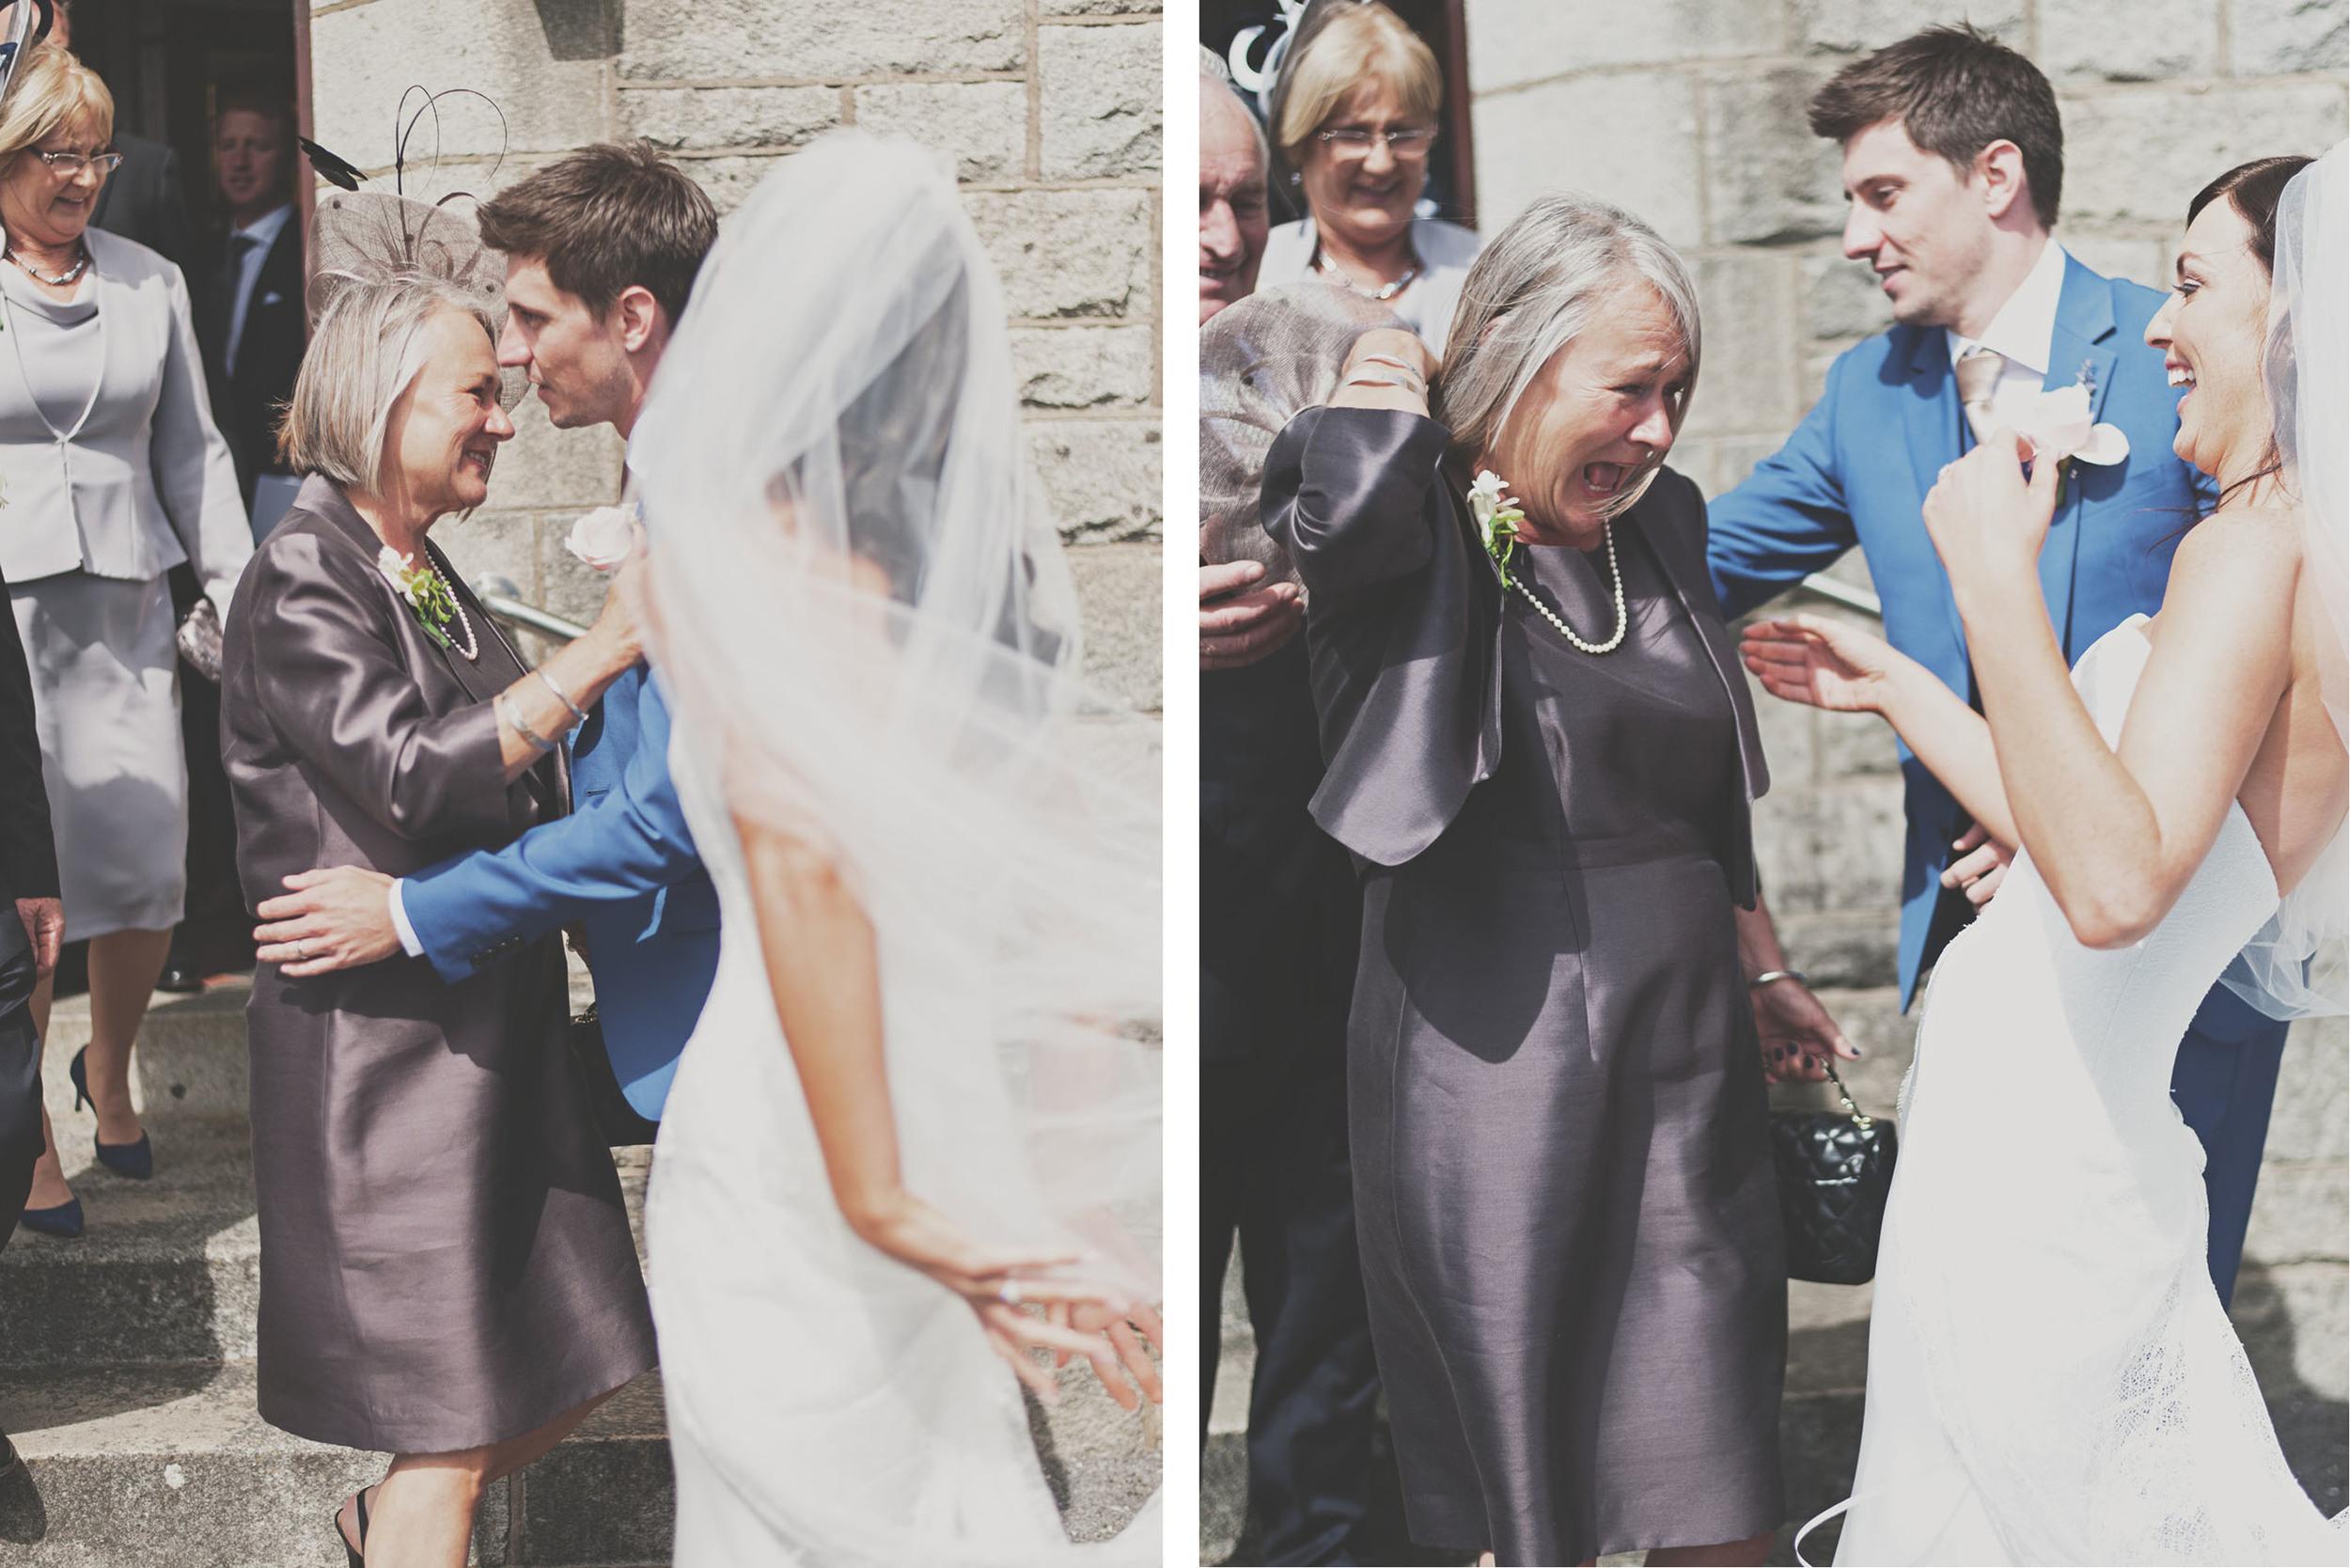 Julie & Matt's Seafield Wedding by Studio33weddings 062.jpg